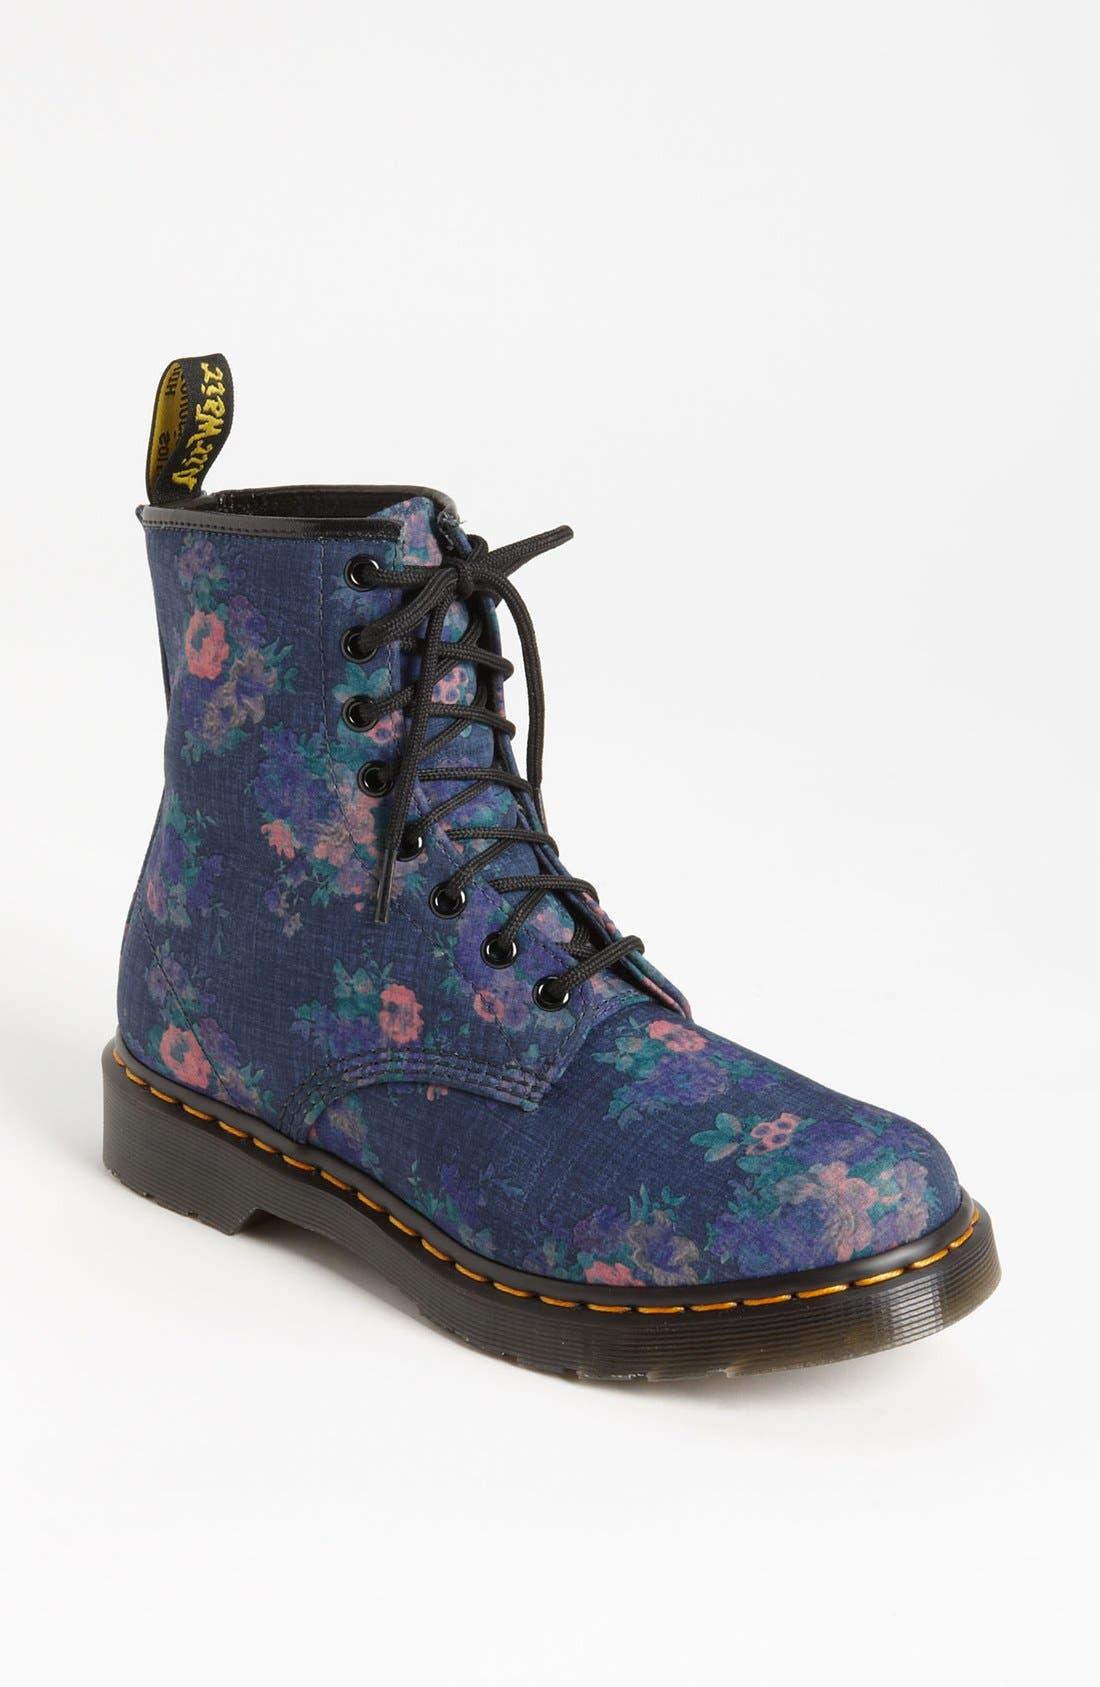 Alternate Image 1 Selected - Dr. Martens 'Castel' Boot